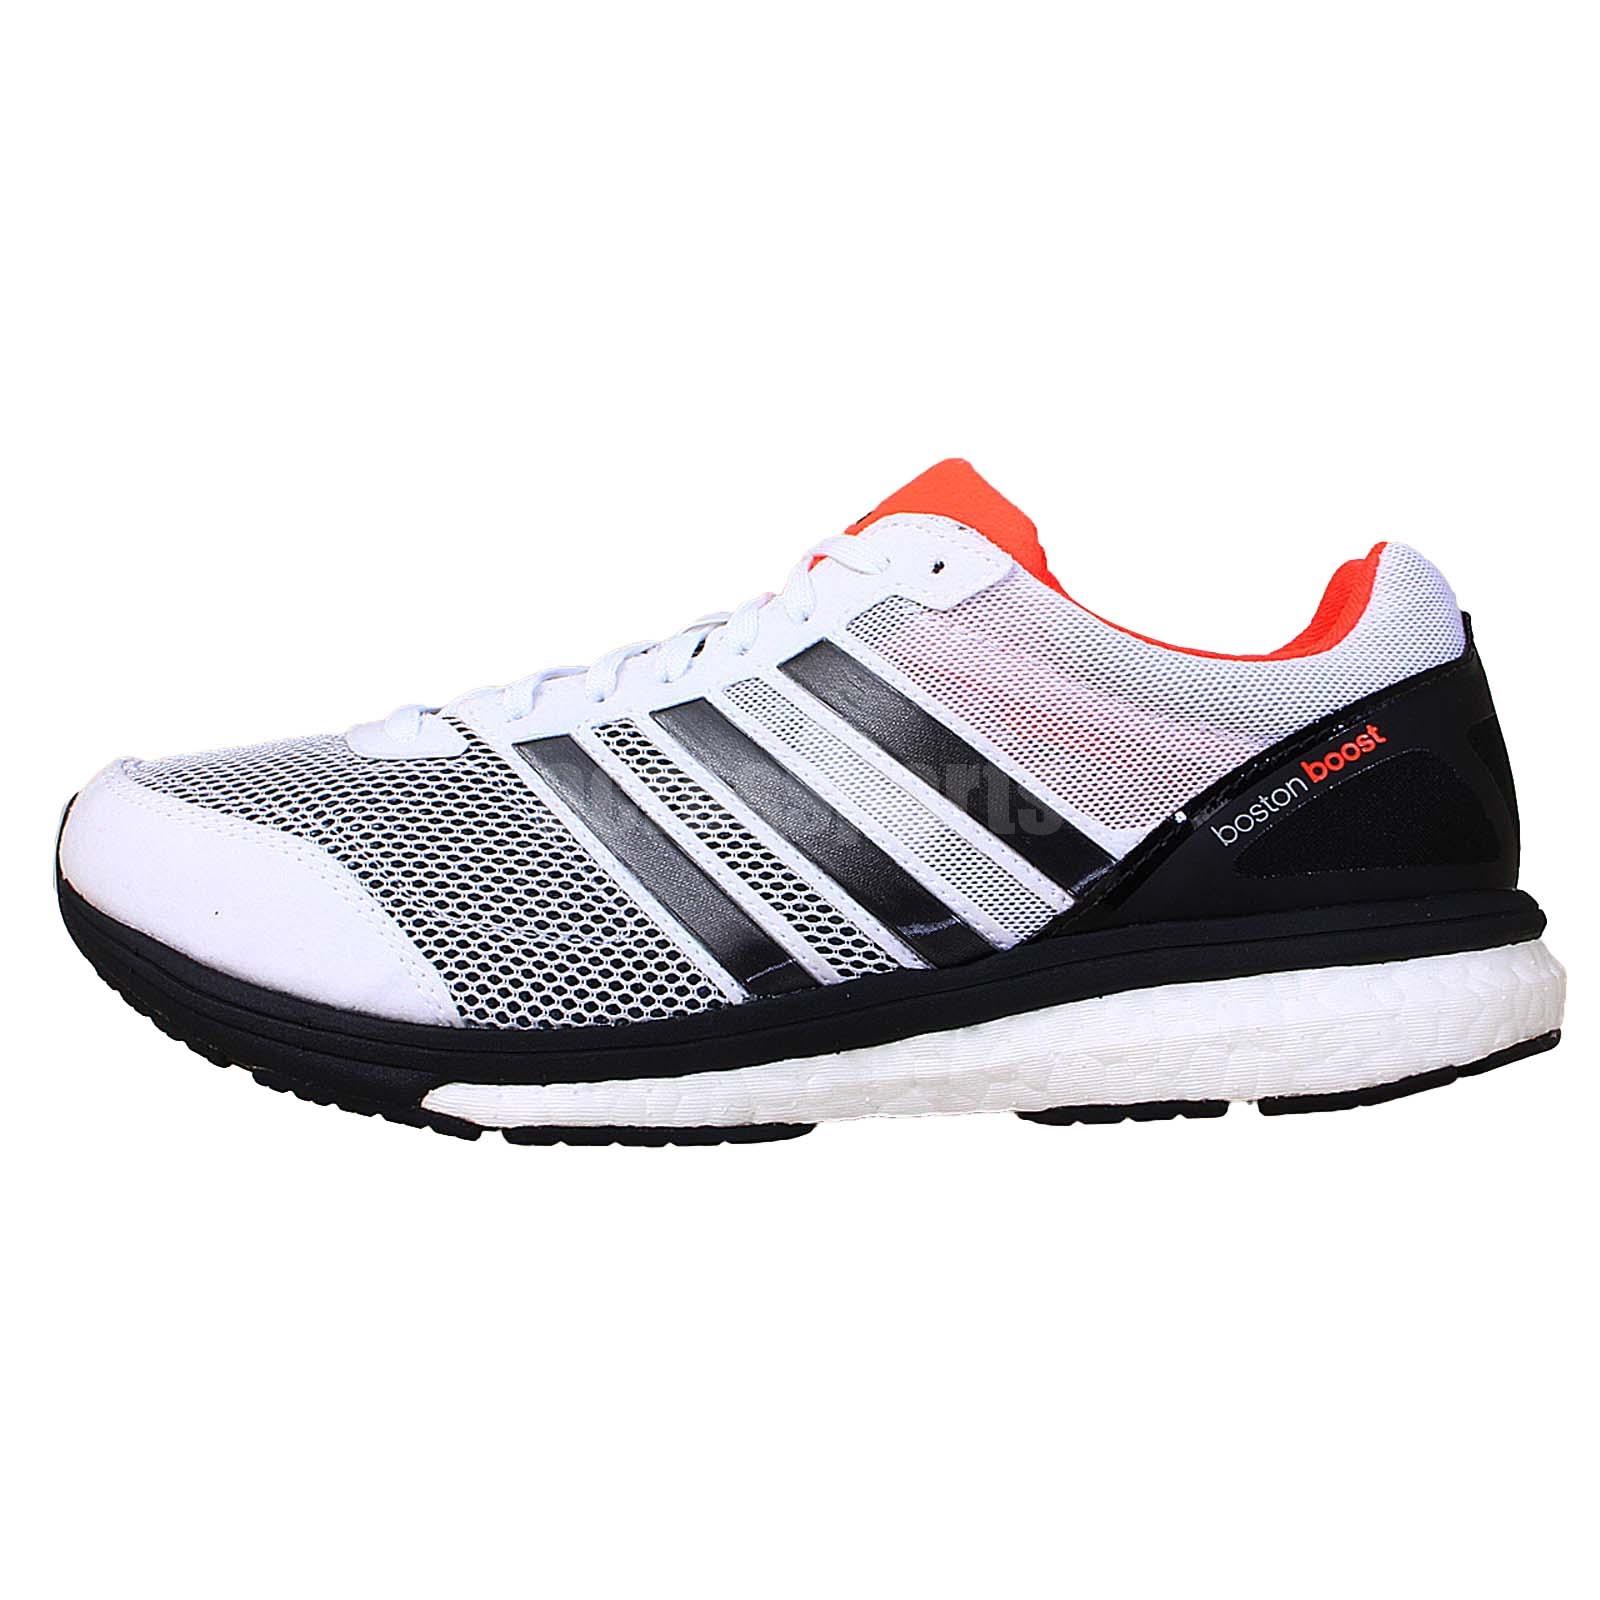 adidas adizero boston boost 5 wide white black 2014